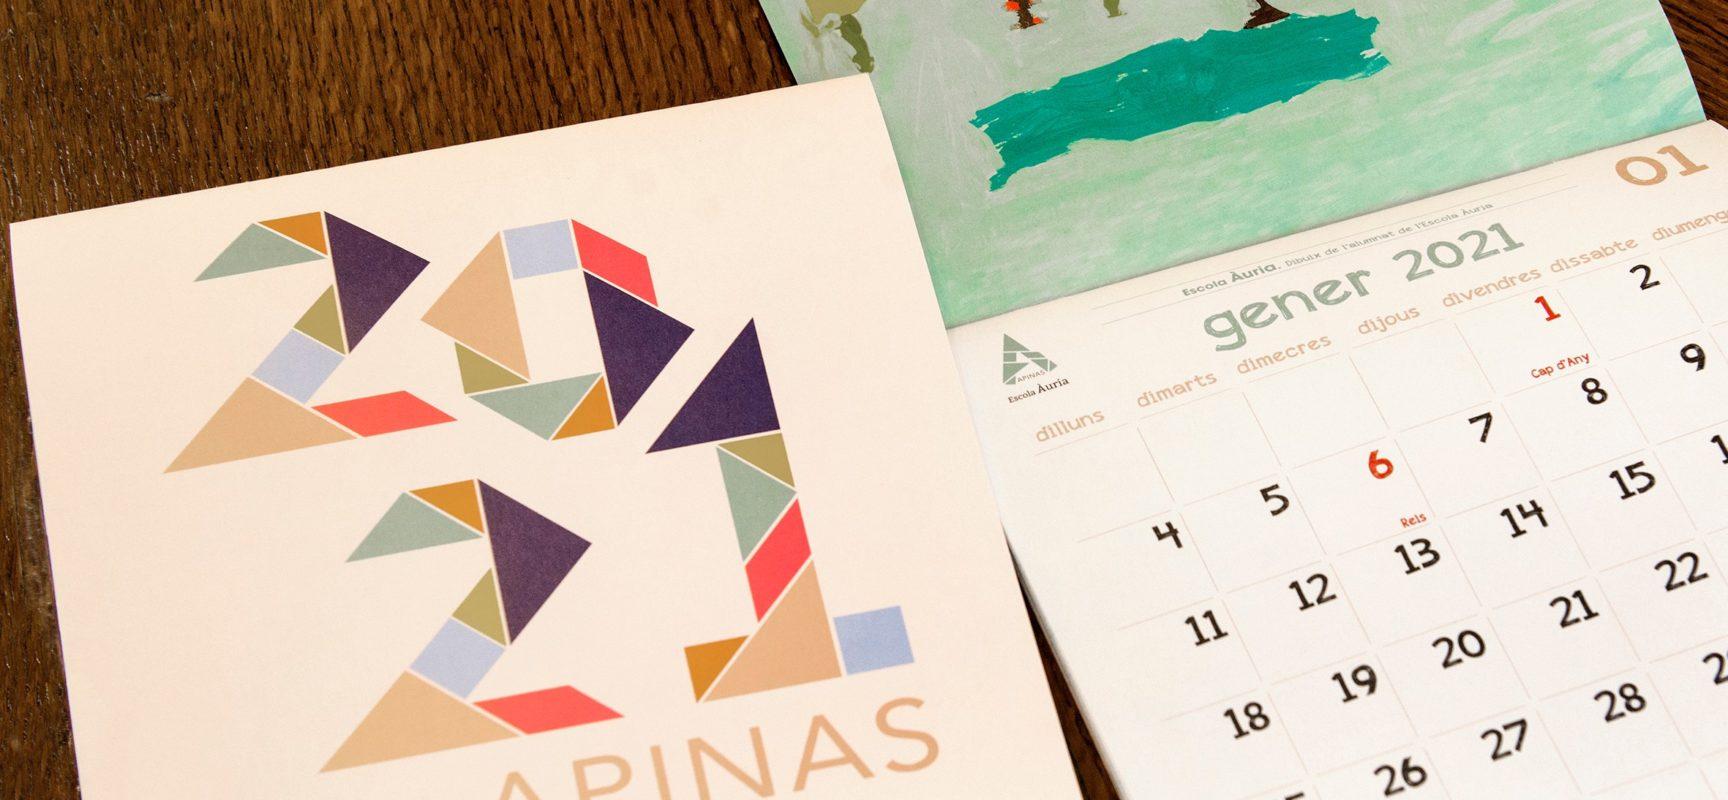 Presentació del calendari d'APINAS 2021